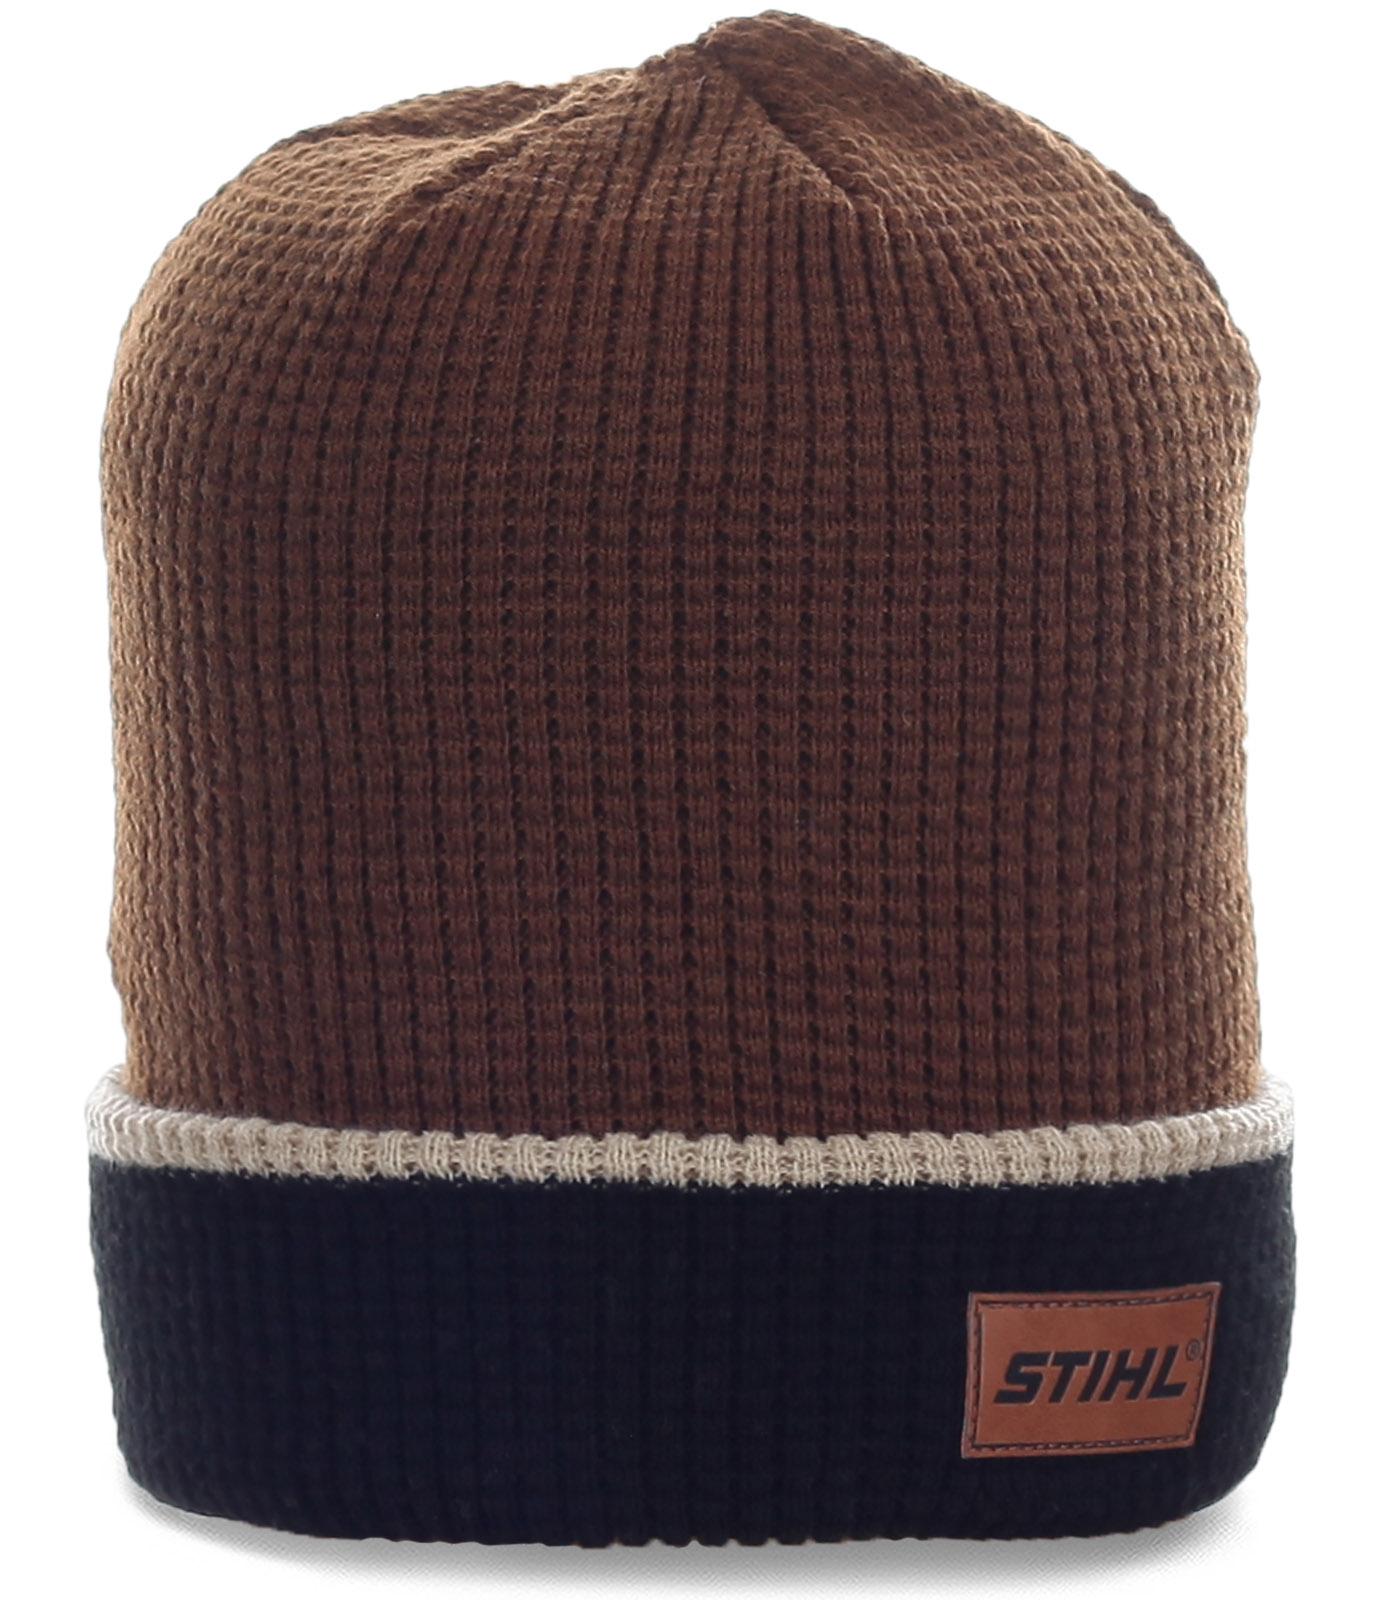 Городская шапка Stihl для модных мужчин. Комфортная модель, в которой 100% тепло